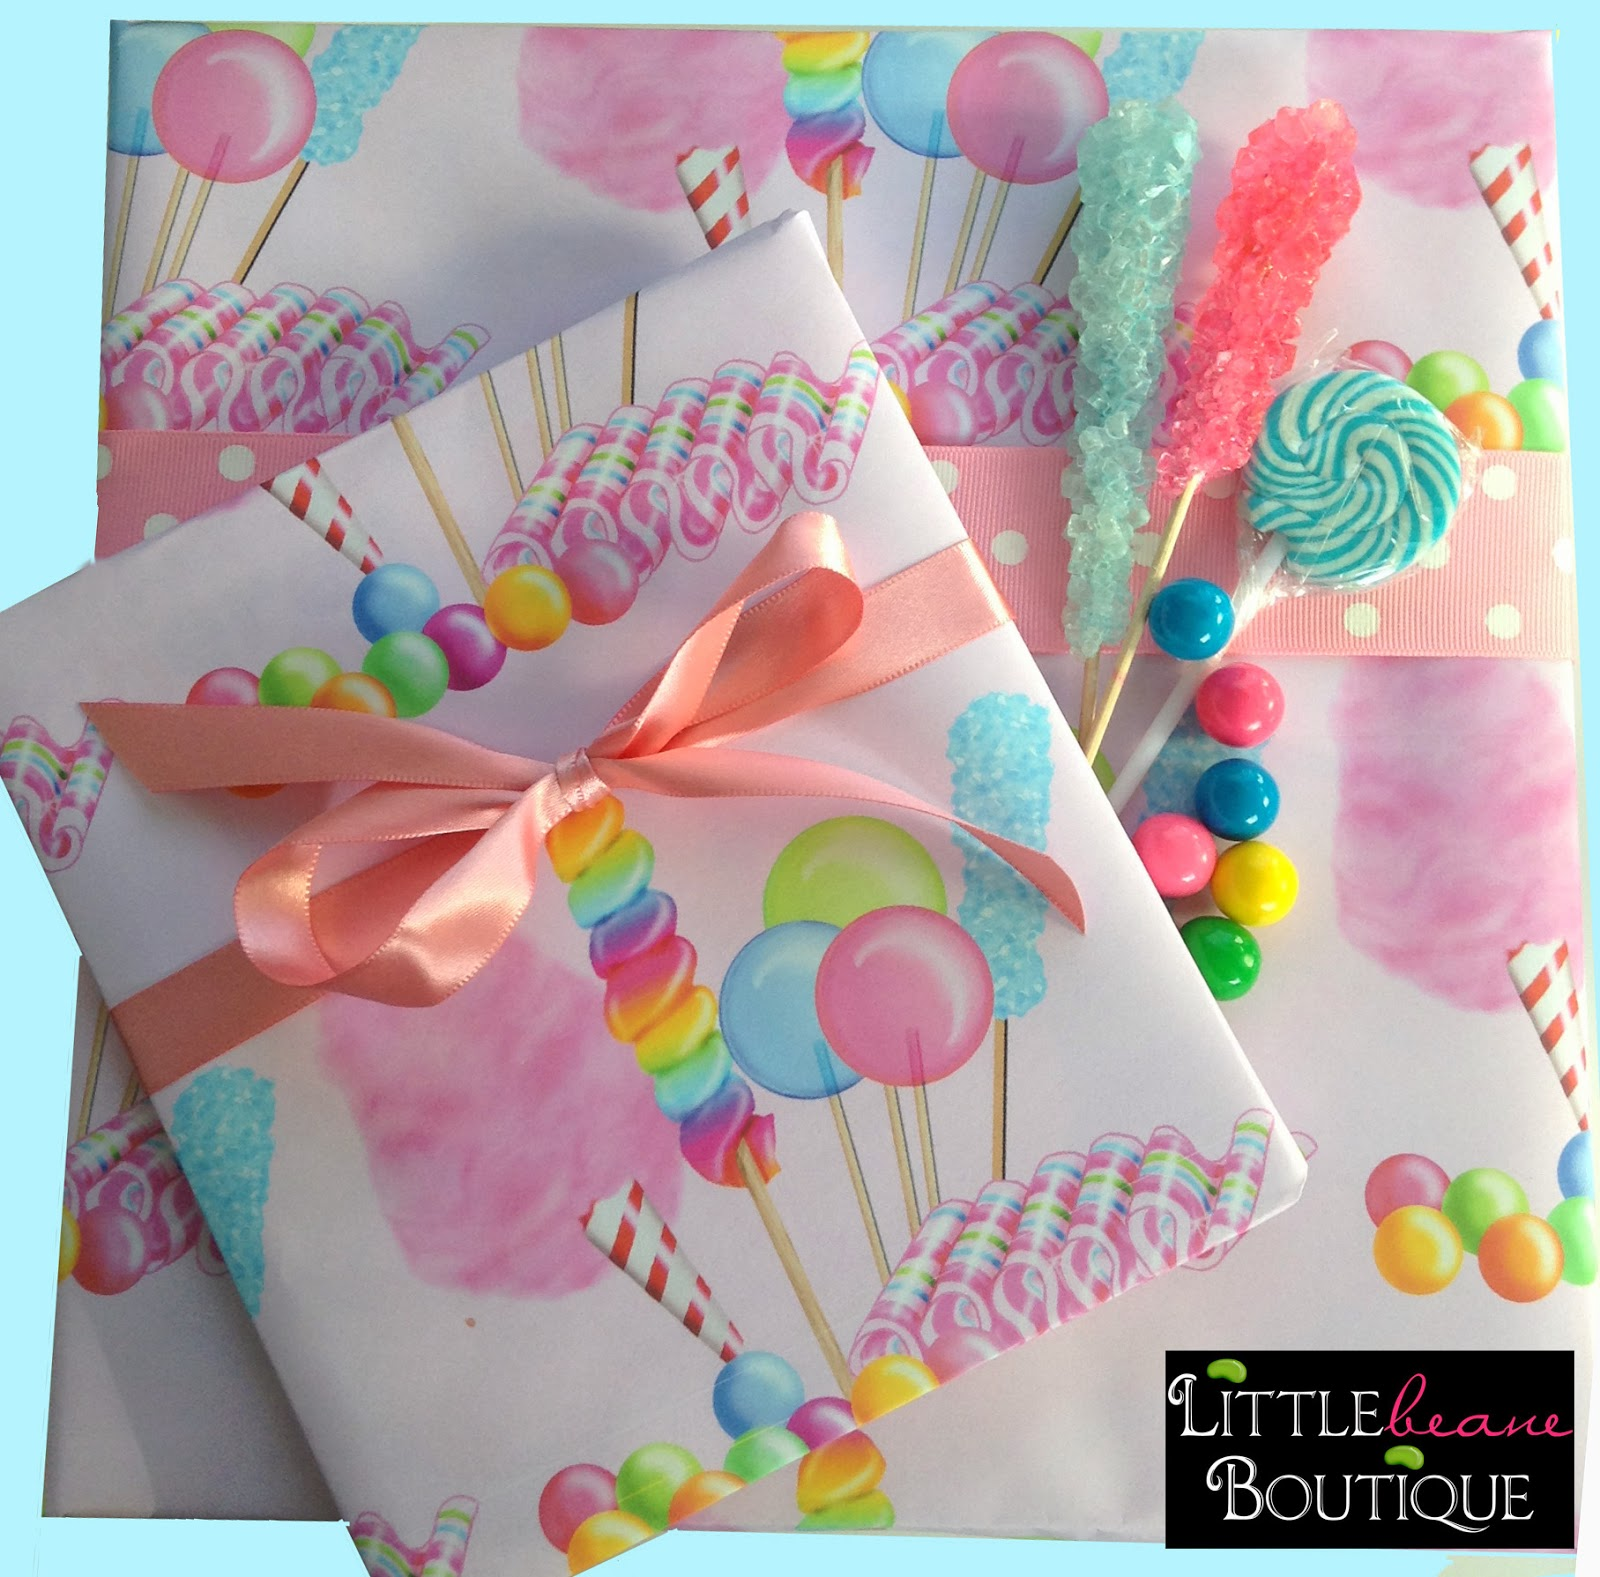 littlebeane boutique new custom gift wrap